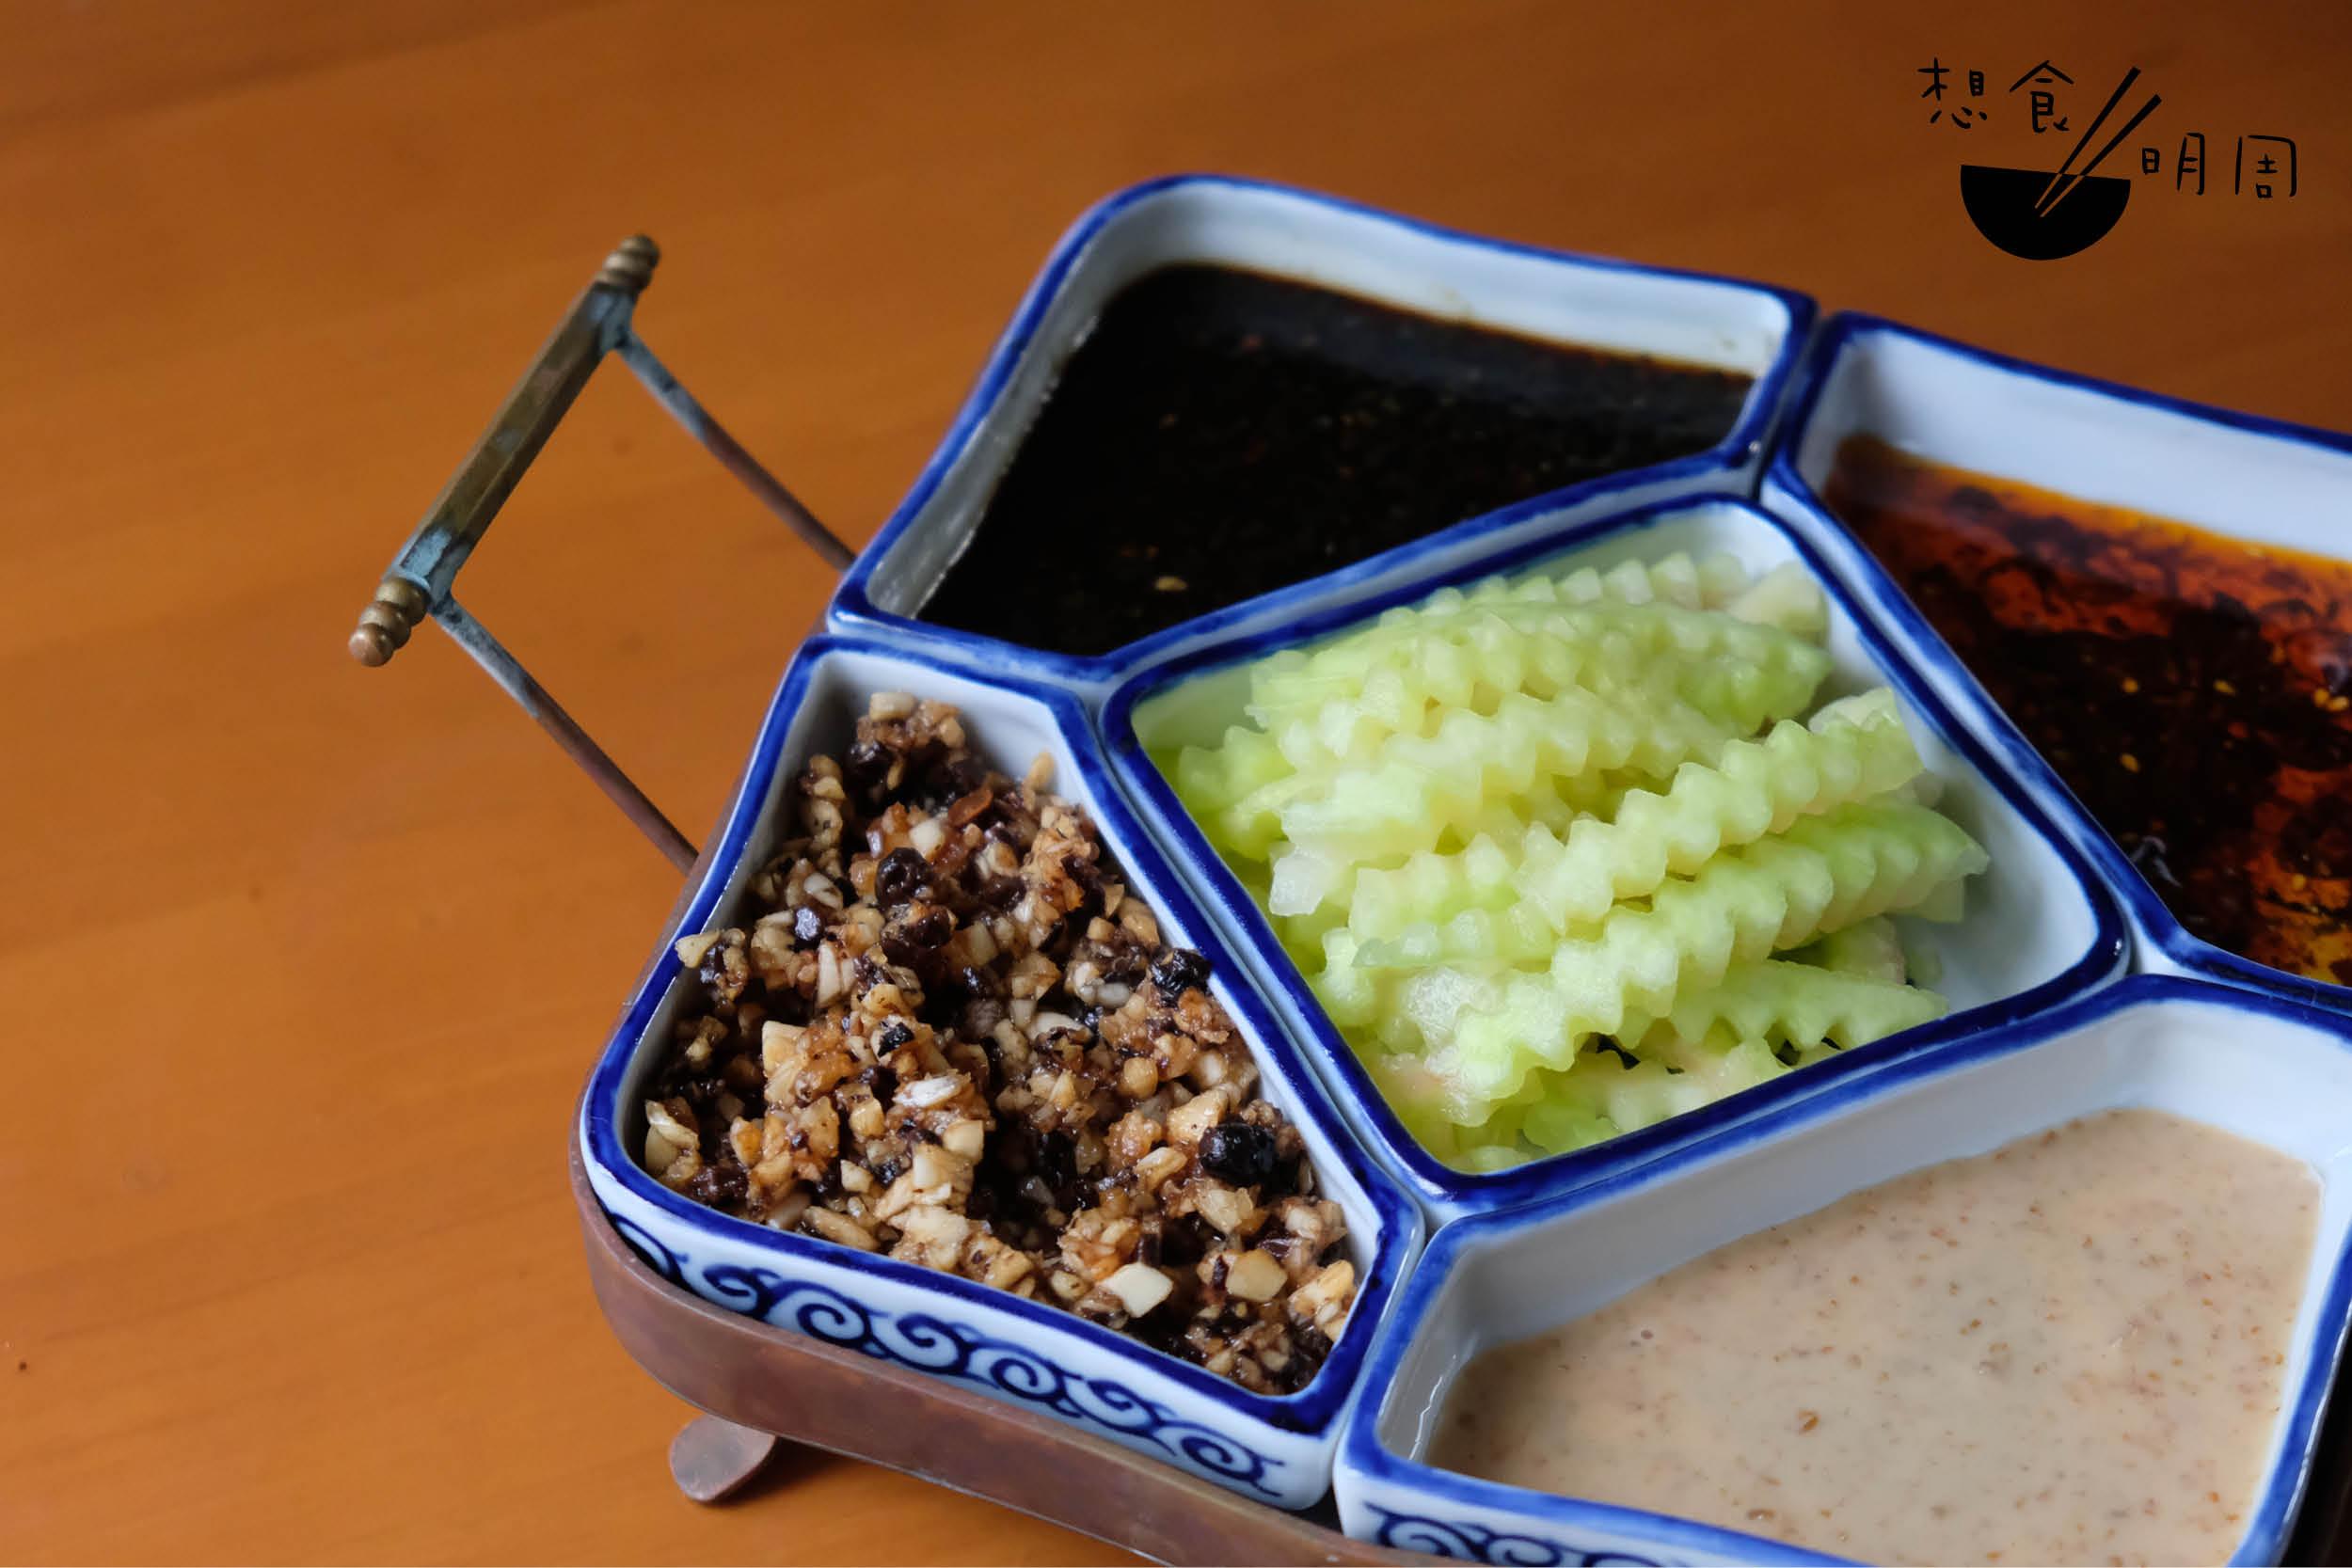 四式調味蘸醬: 左上:辣茜豉油 左下:蒜蓉豆豉醬 右上:青花椒辣油 右下:芝麻醬